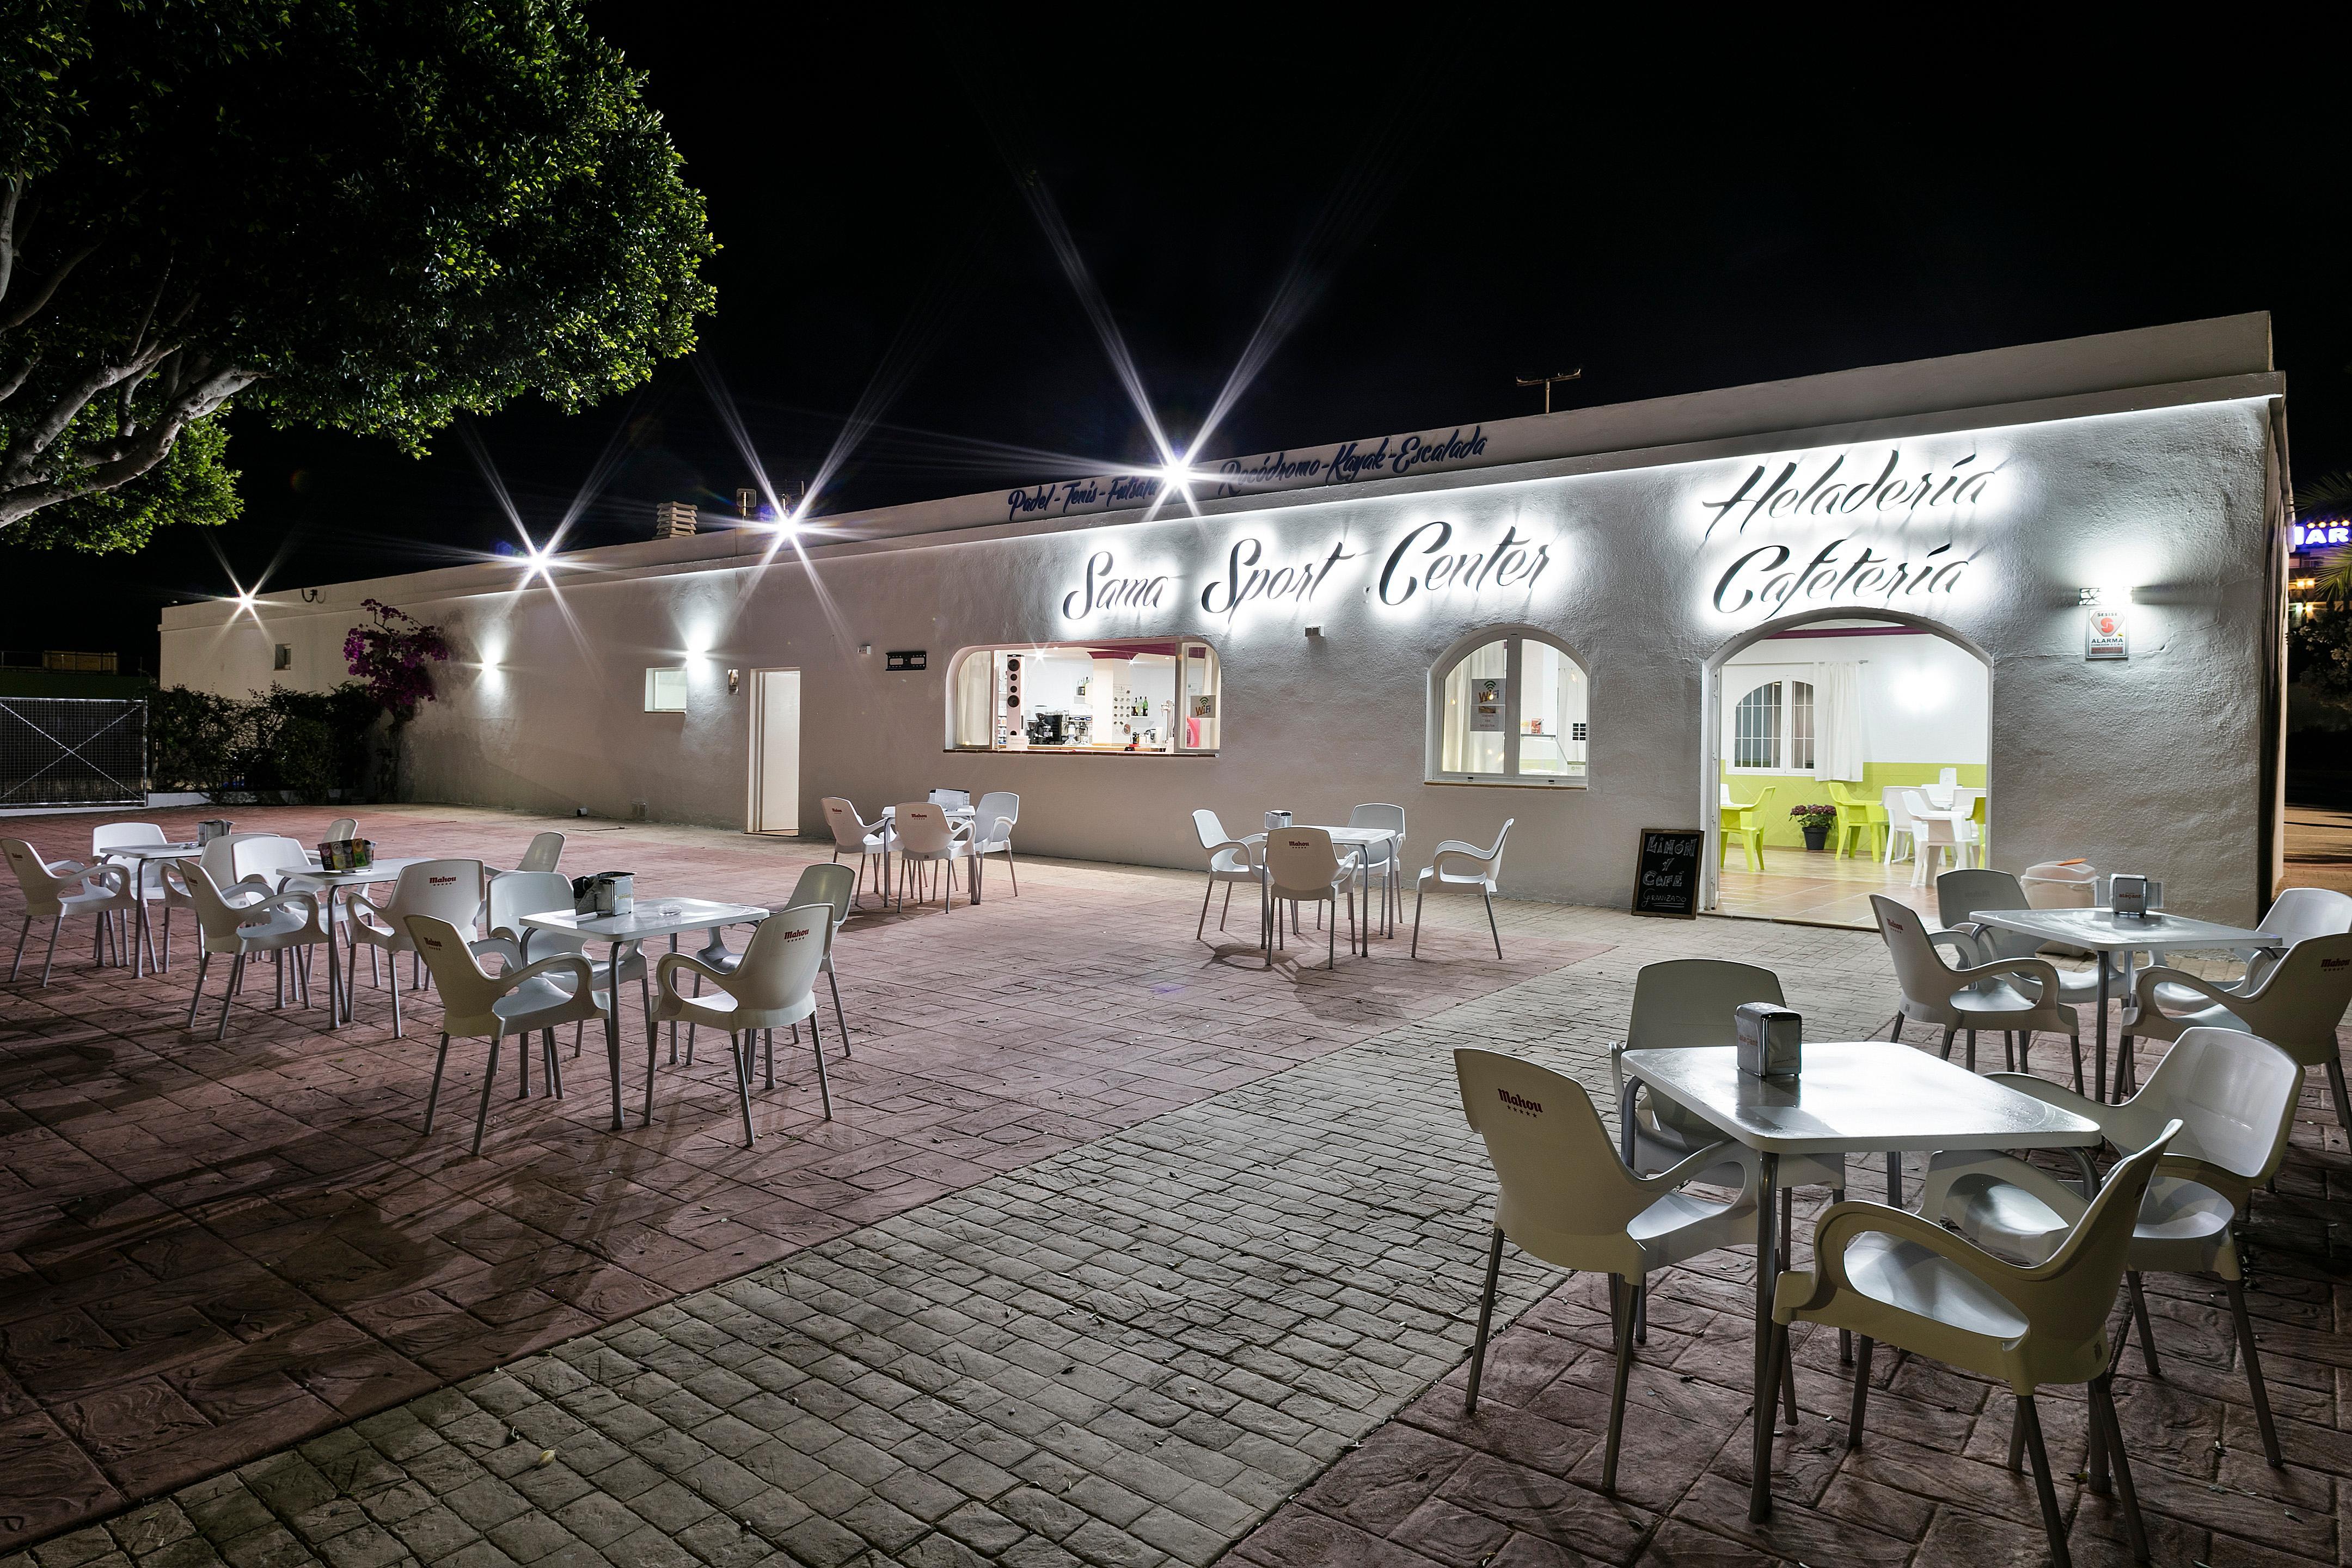 Hotel Best Oasis Tropical en Moj car Costa de Almer a desde